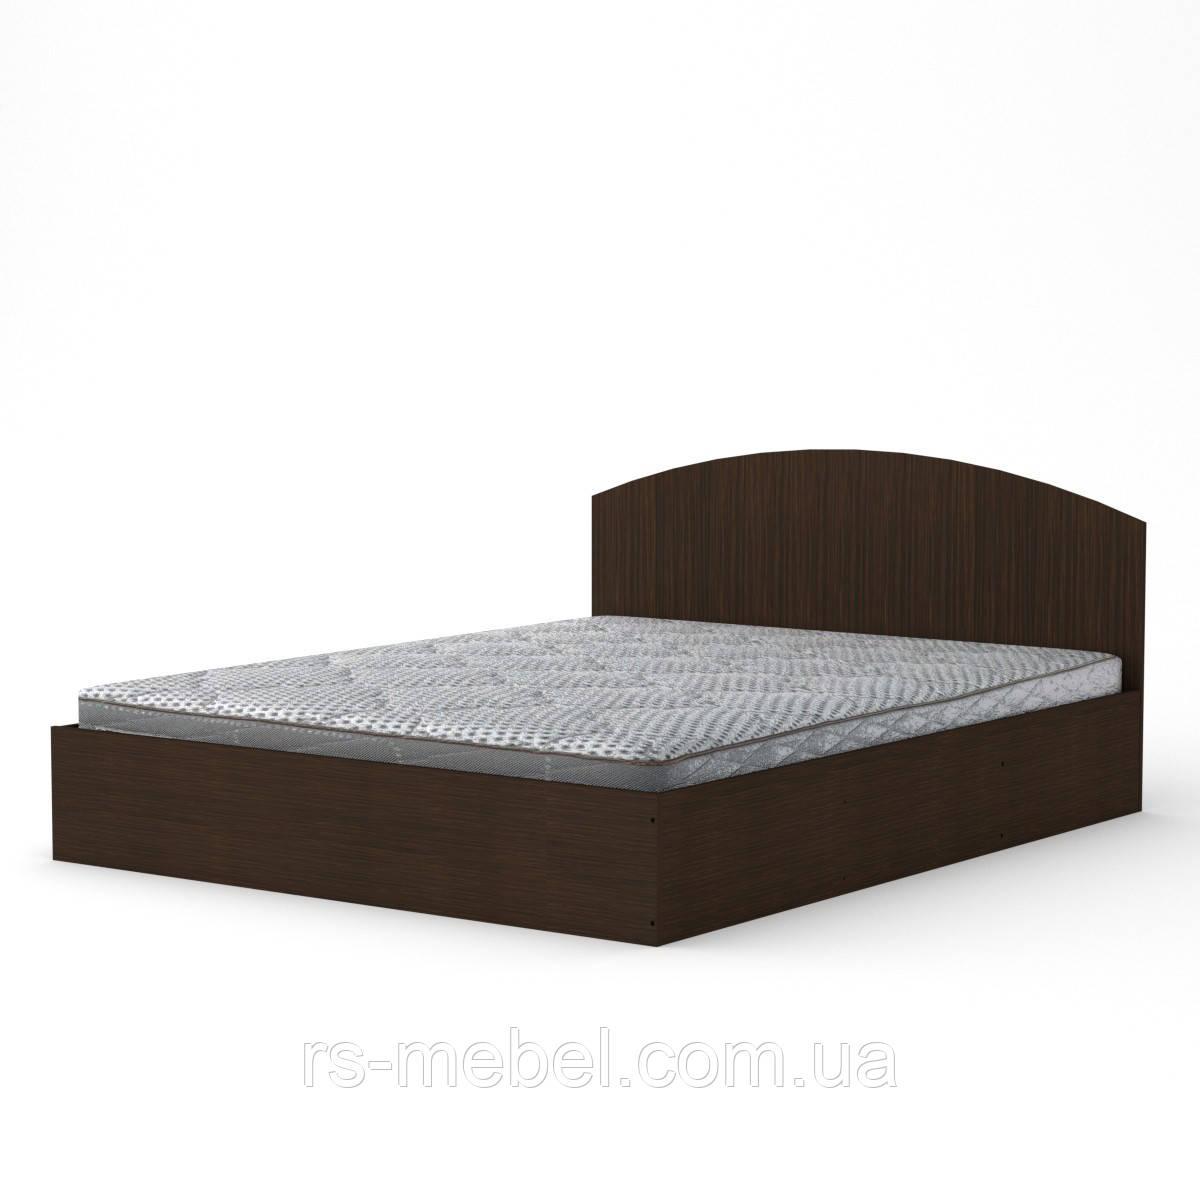 Ліжко 160, дсп (Компаніт)